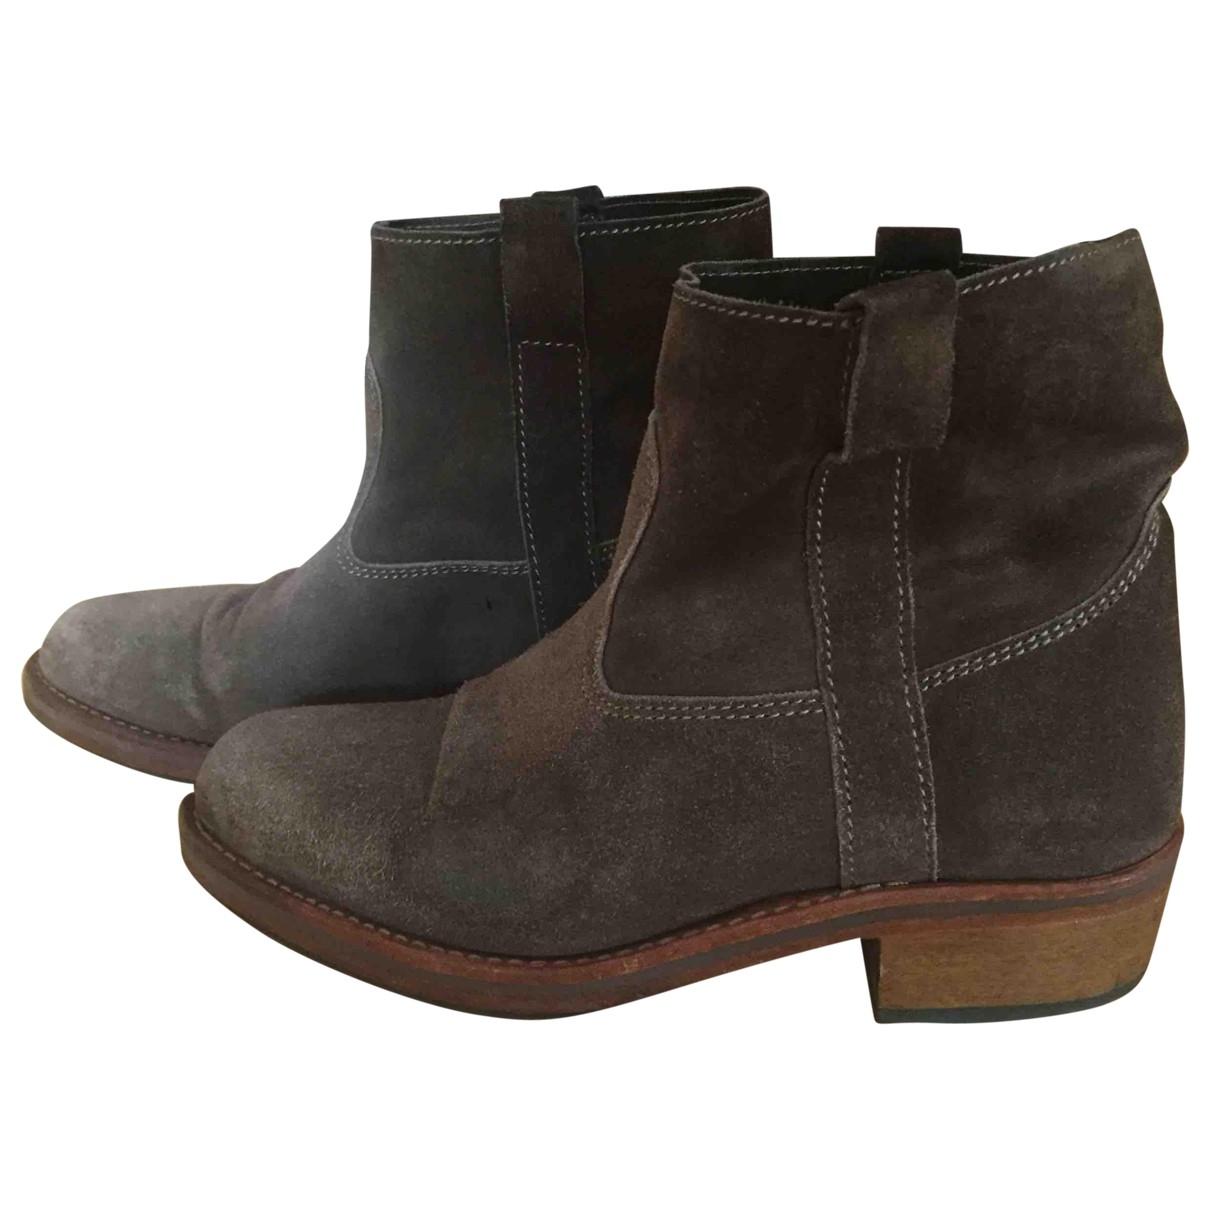 La Botte Gardiane - Boots   pour femme en suede - camel